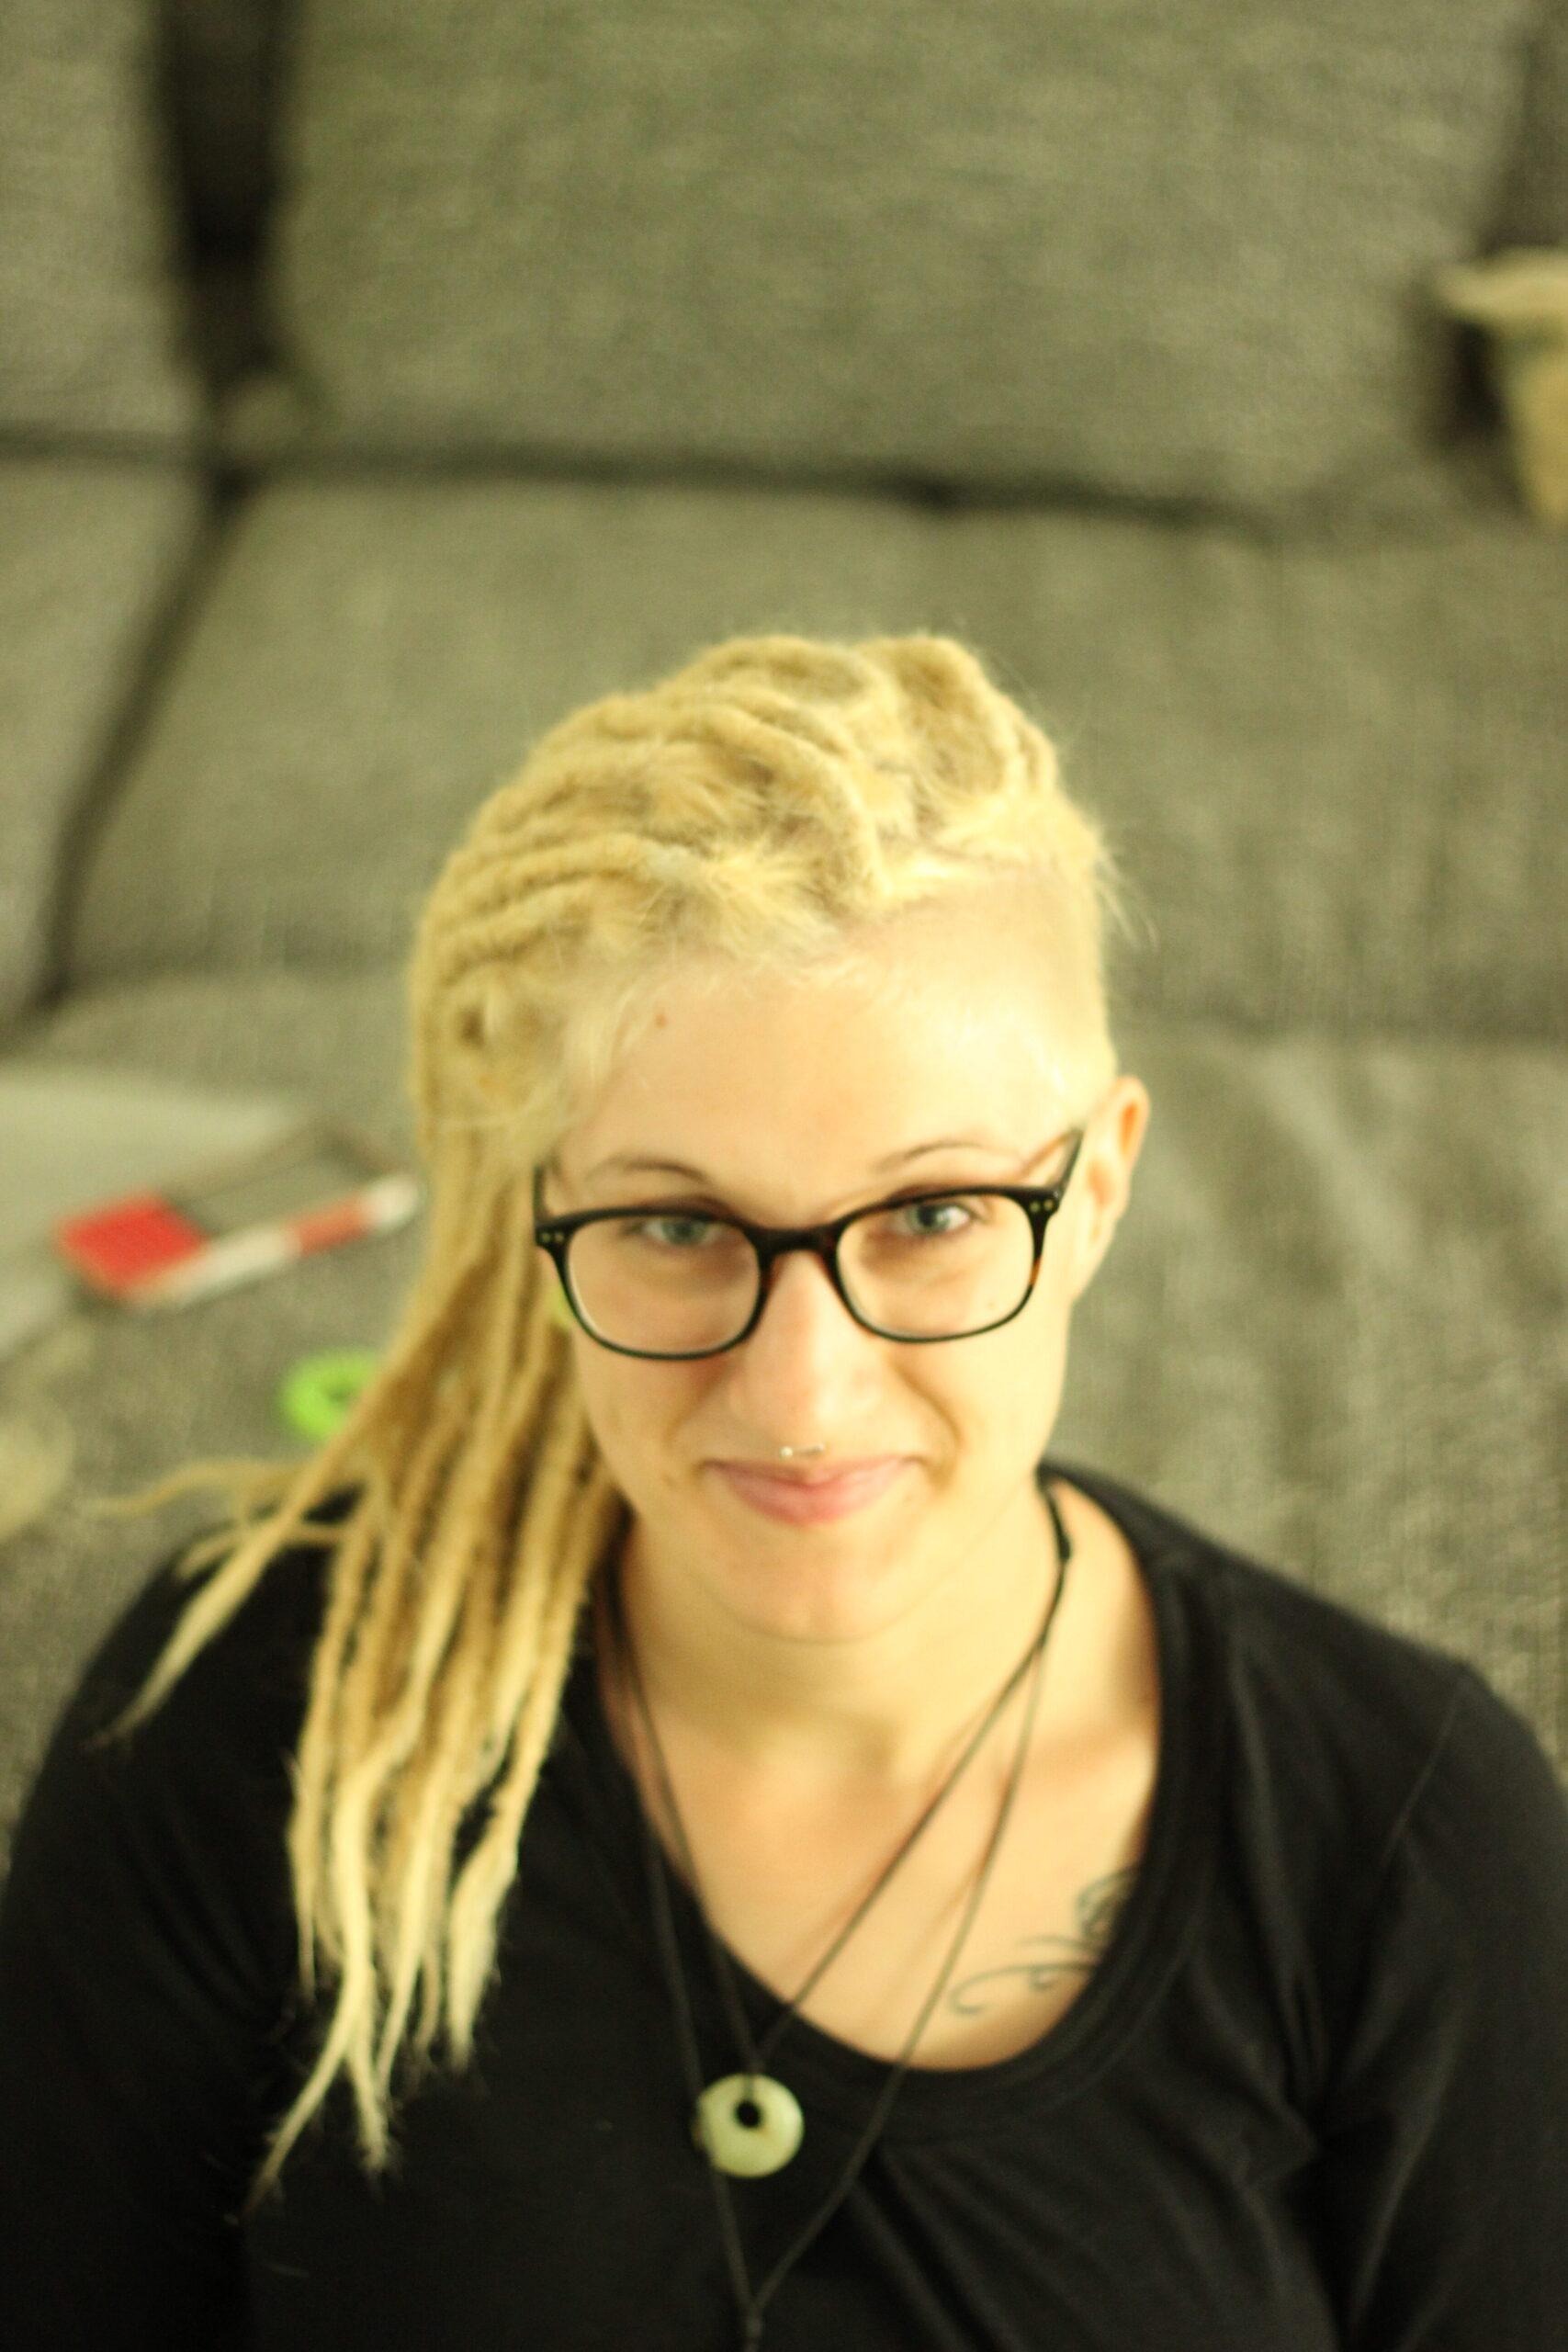 Dreadlocks_in_Stuttgart_Dreadfarm_dreads_in_BW_blonde_Dreads